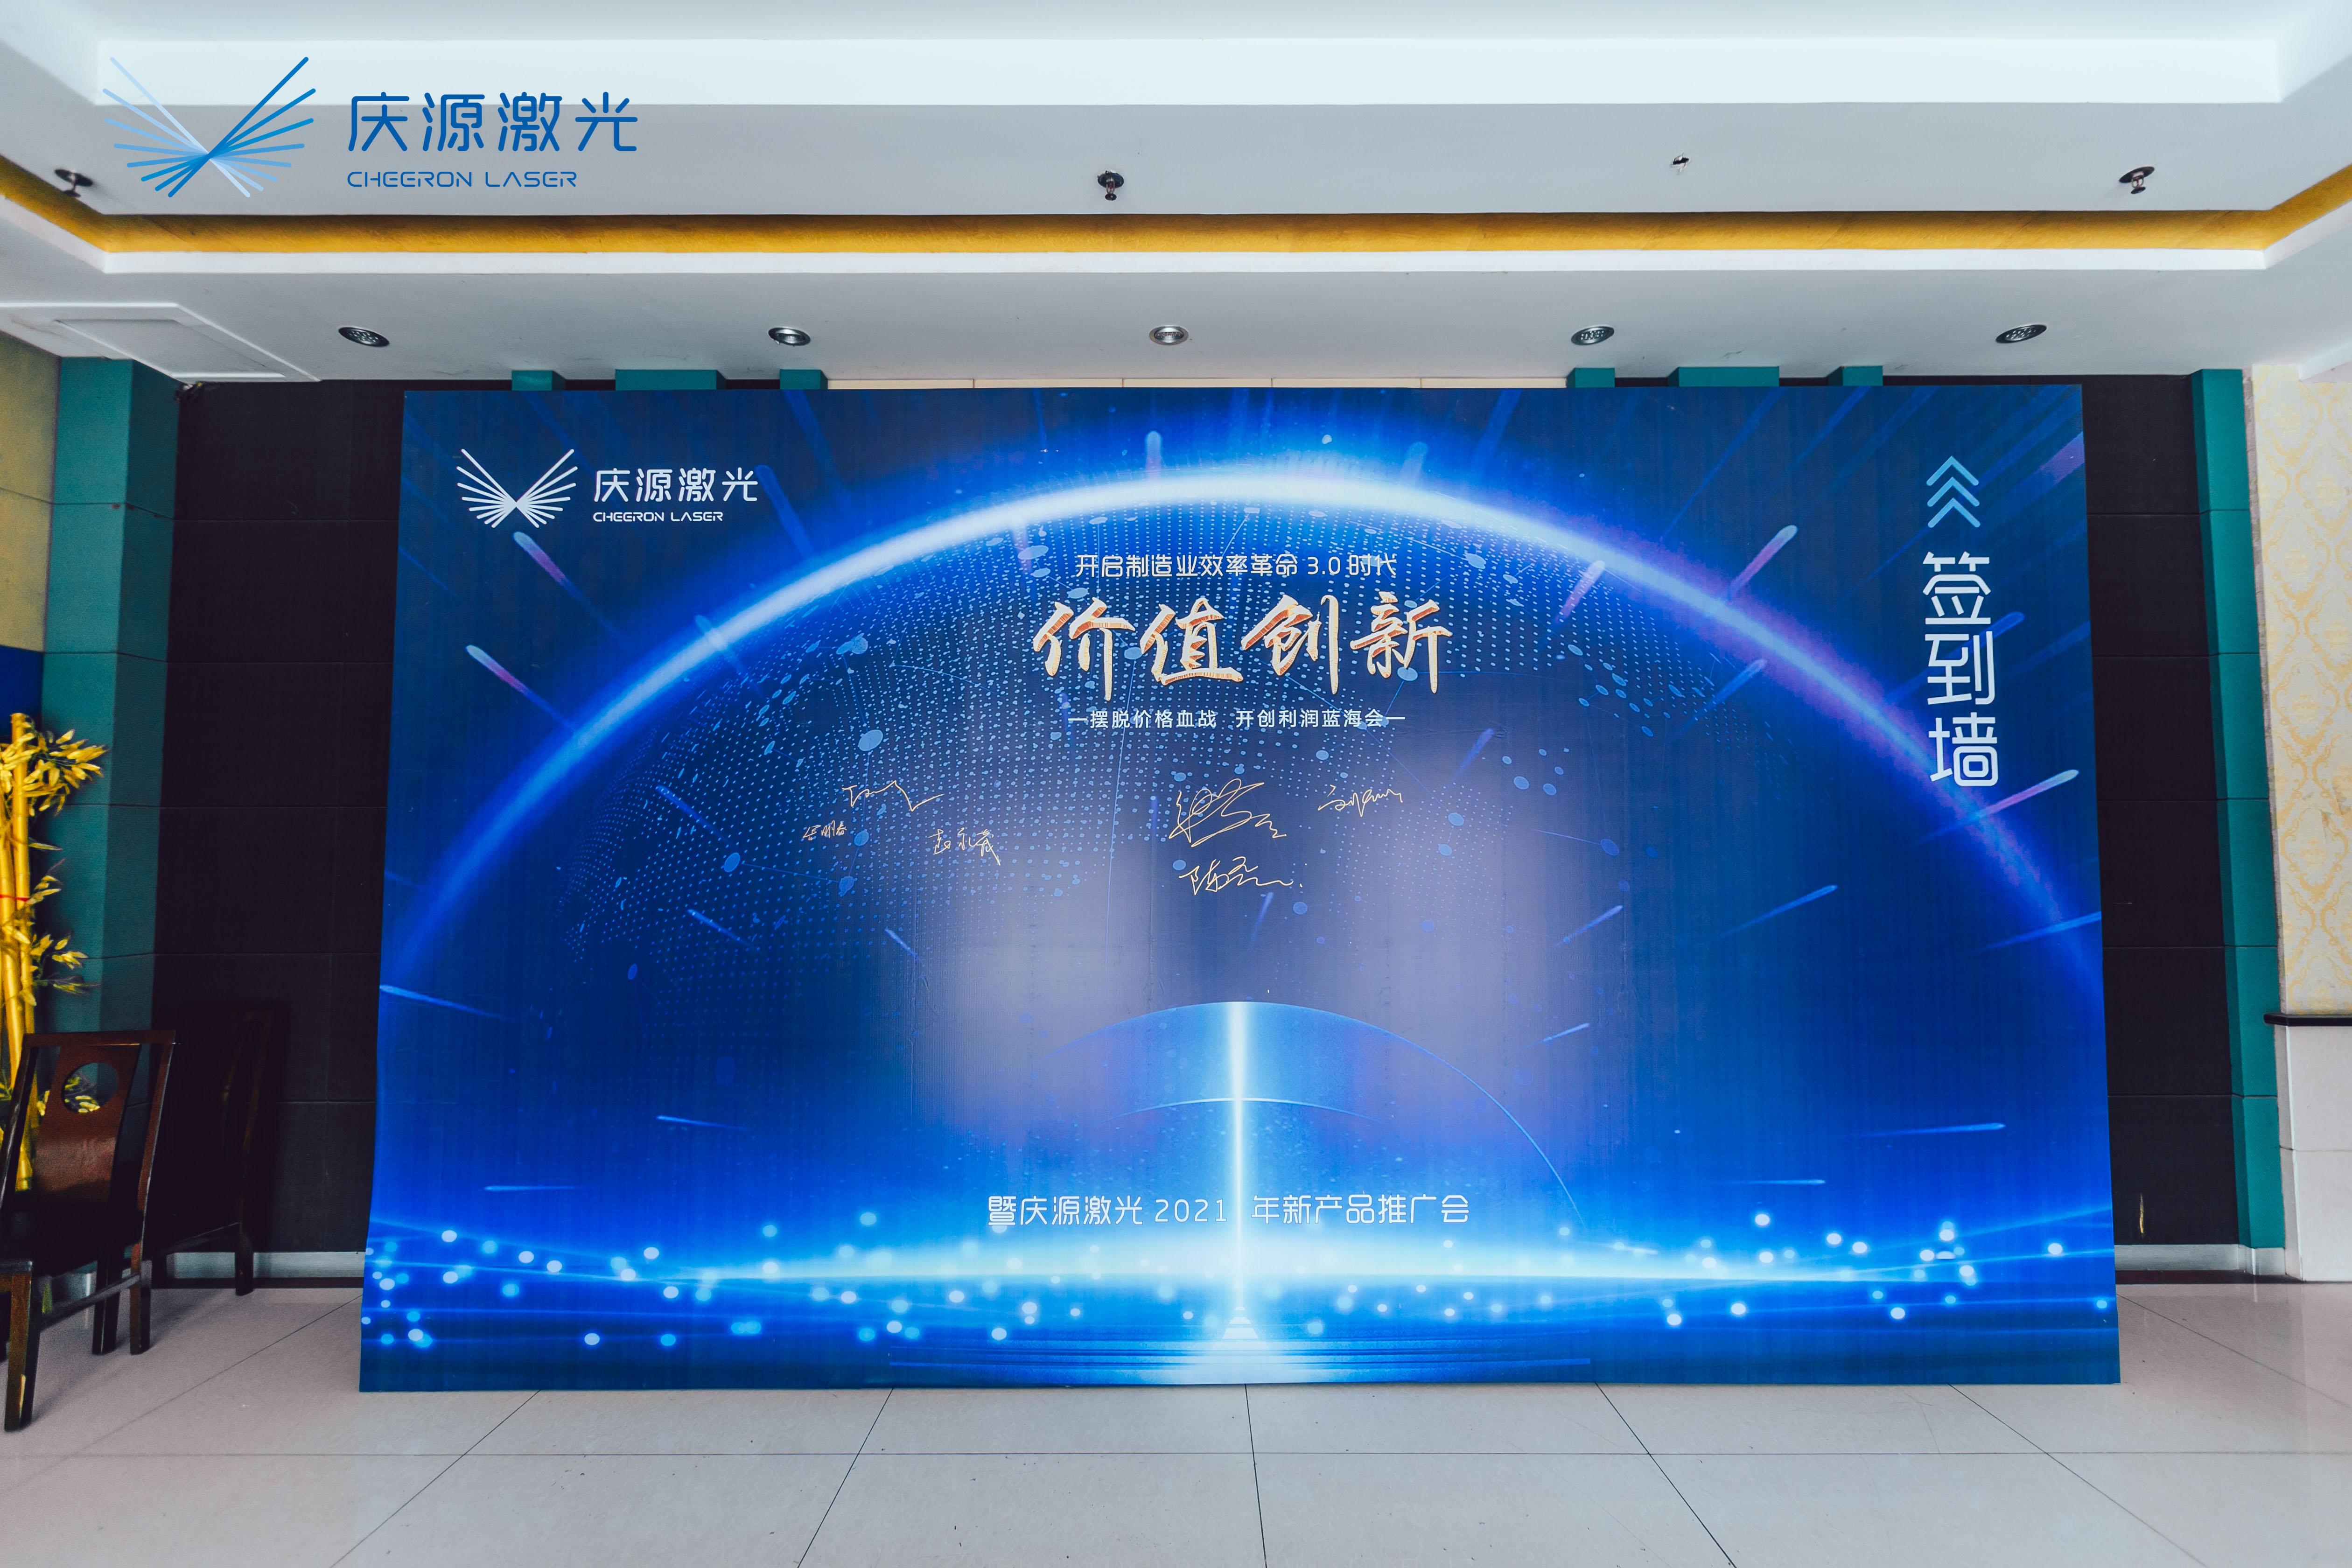 """""""開啟制造業效率革命3.0時代之價值創新""""暨慶源激光2021年新產品推廣會在揚州隆重舉行"""